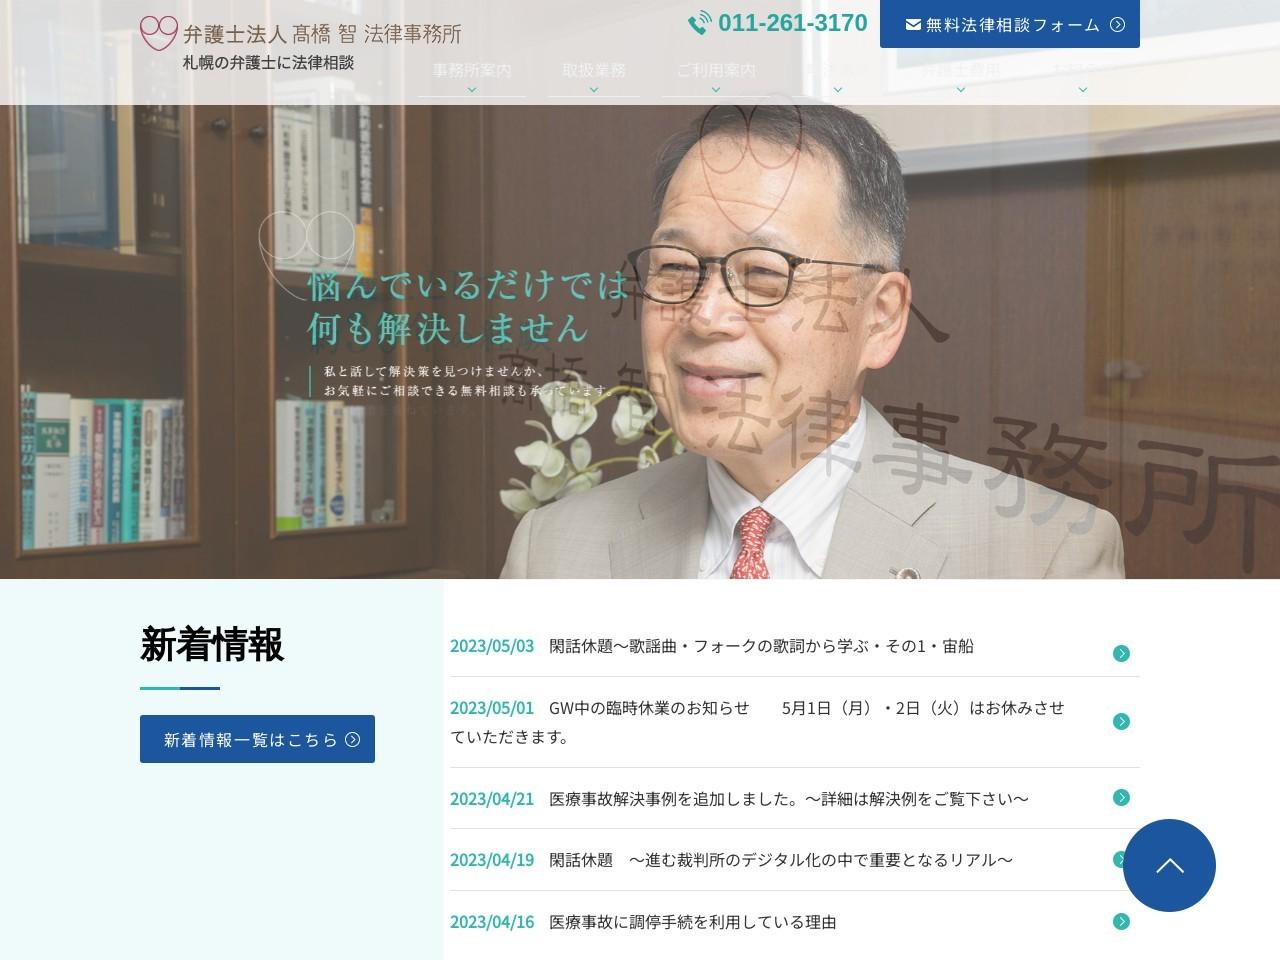 高橋智法律事務所(弁護士法人)